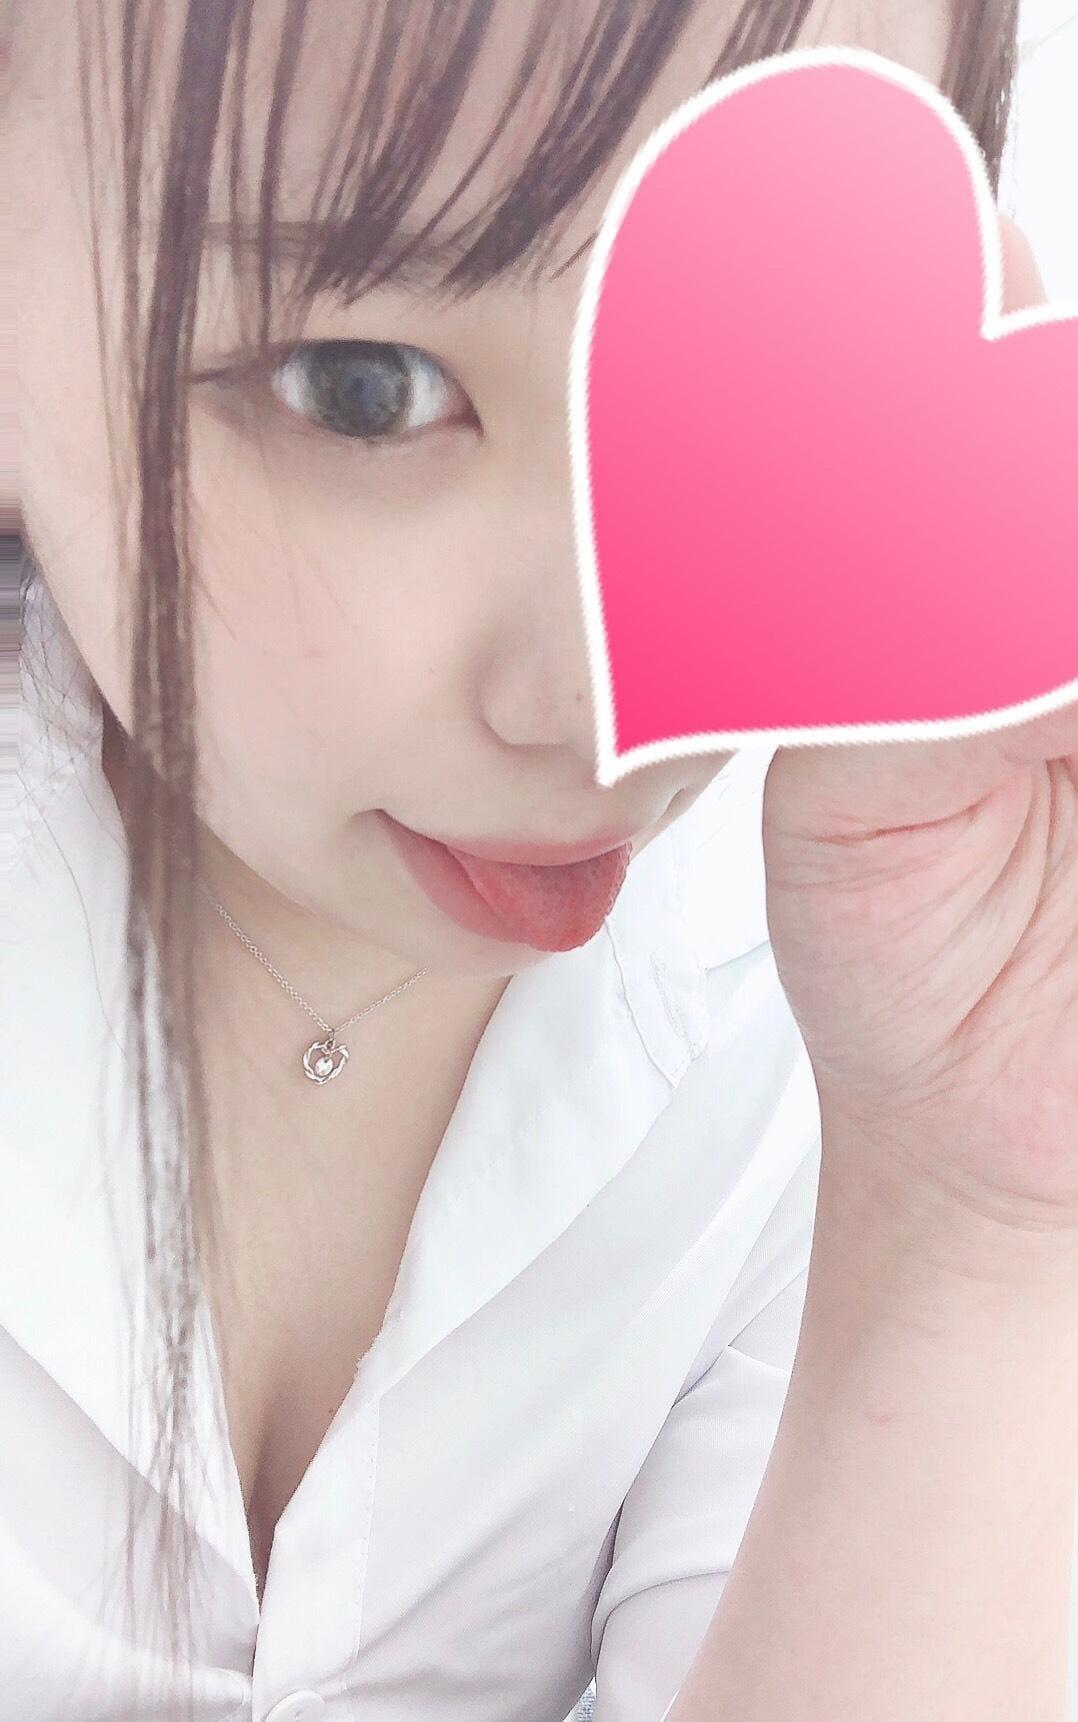 「みみだよん」06/24(06/24) 20:09 | みみの写メ・風俗動画